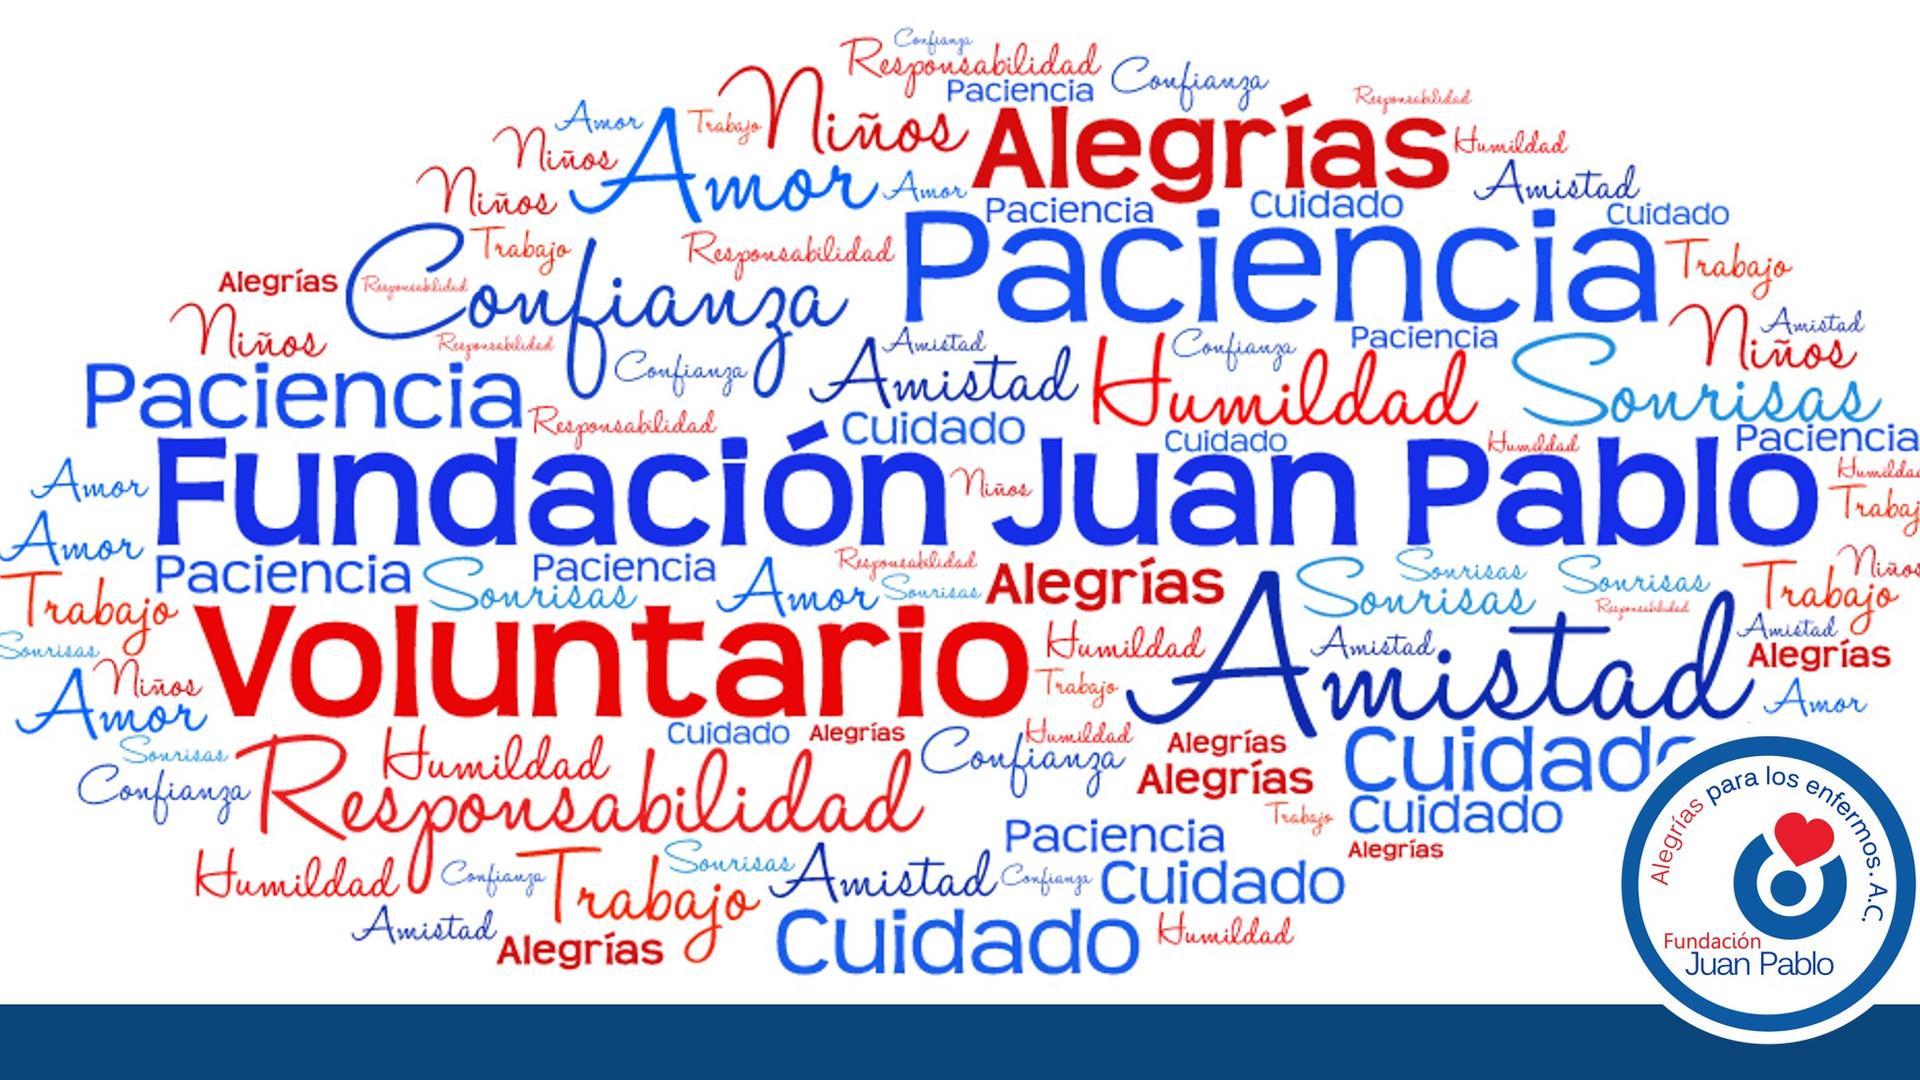 El Rincón de Juan Pablo